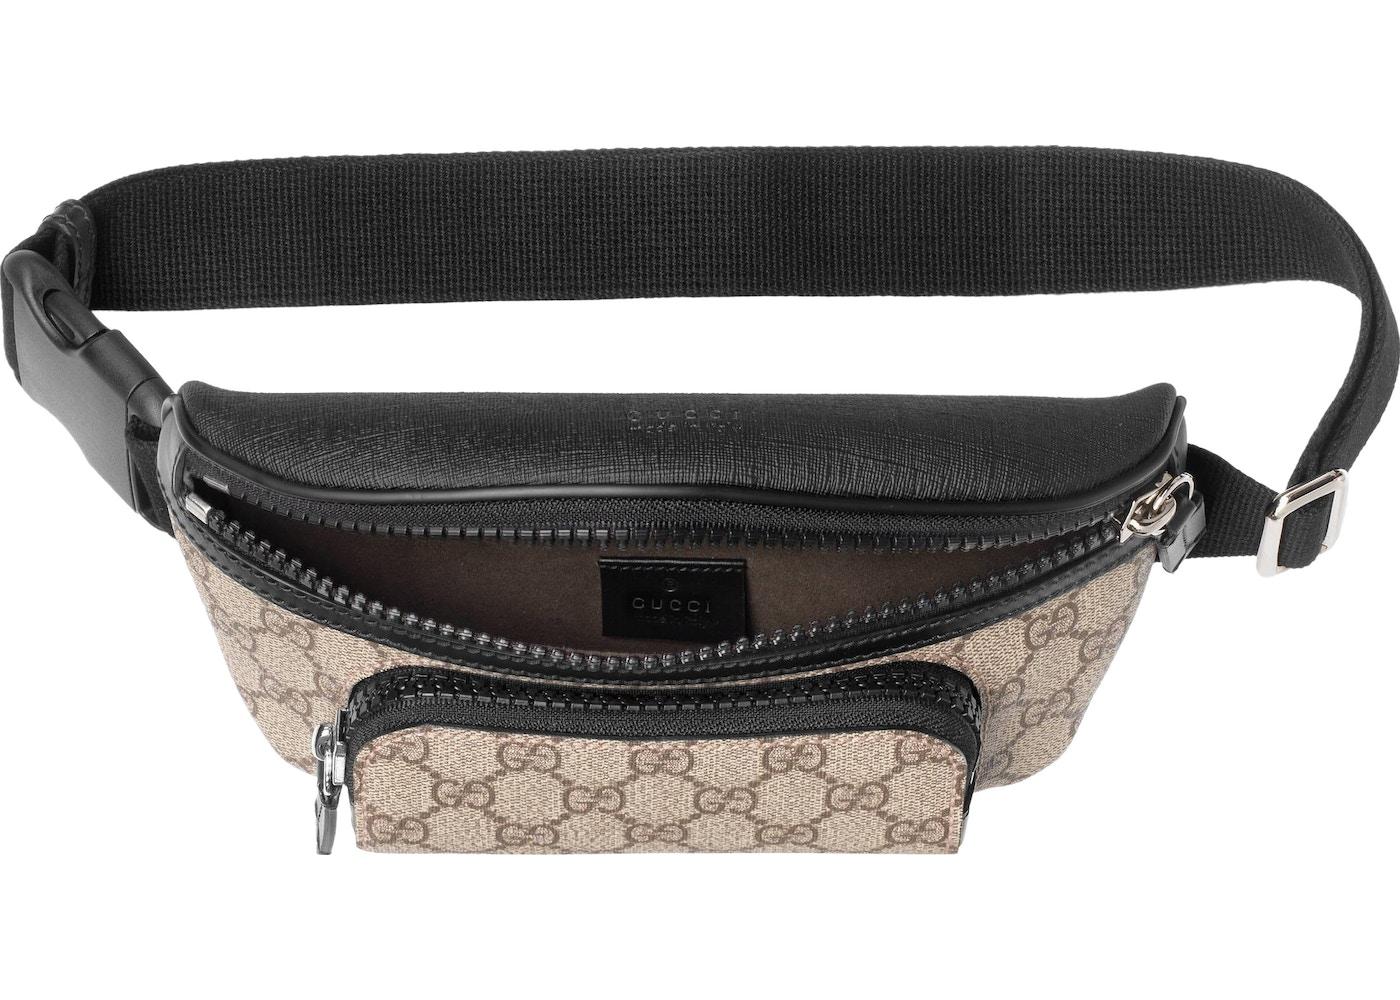 c05d3963b Gucci Front Pocket Belt Bag GG Supreme Small Black/Beige